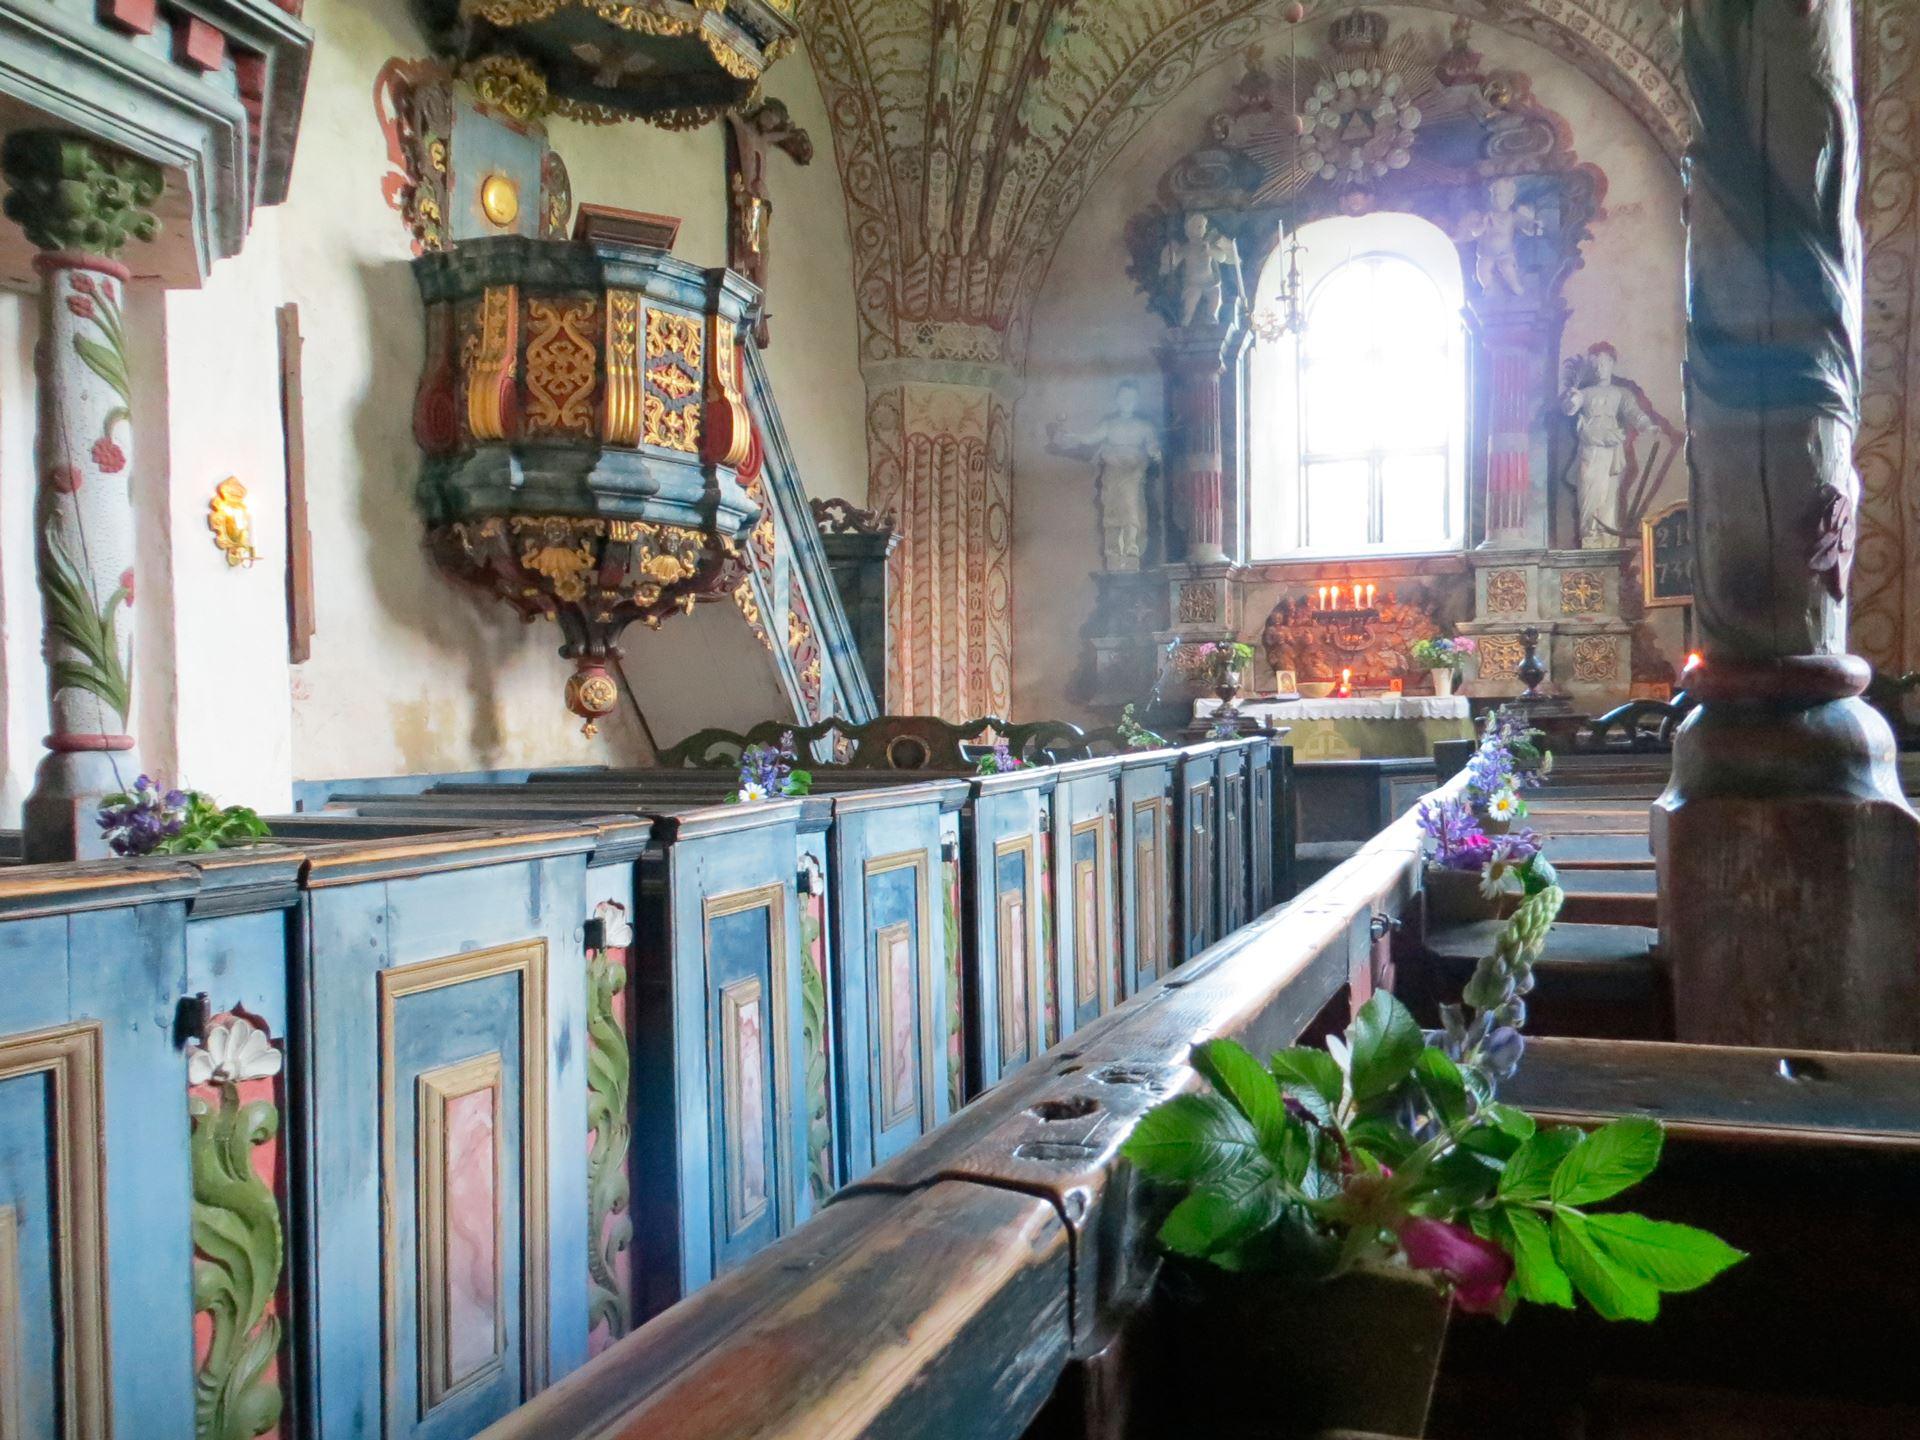 © Ådalsbygdens pastorat, Inne i Ytterlännäs gamla kyrka